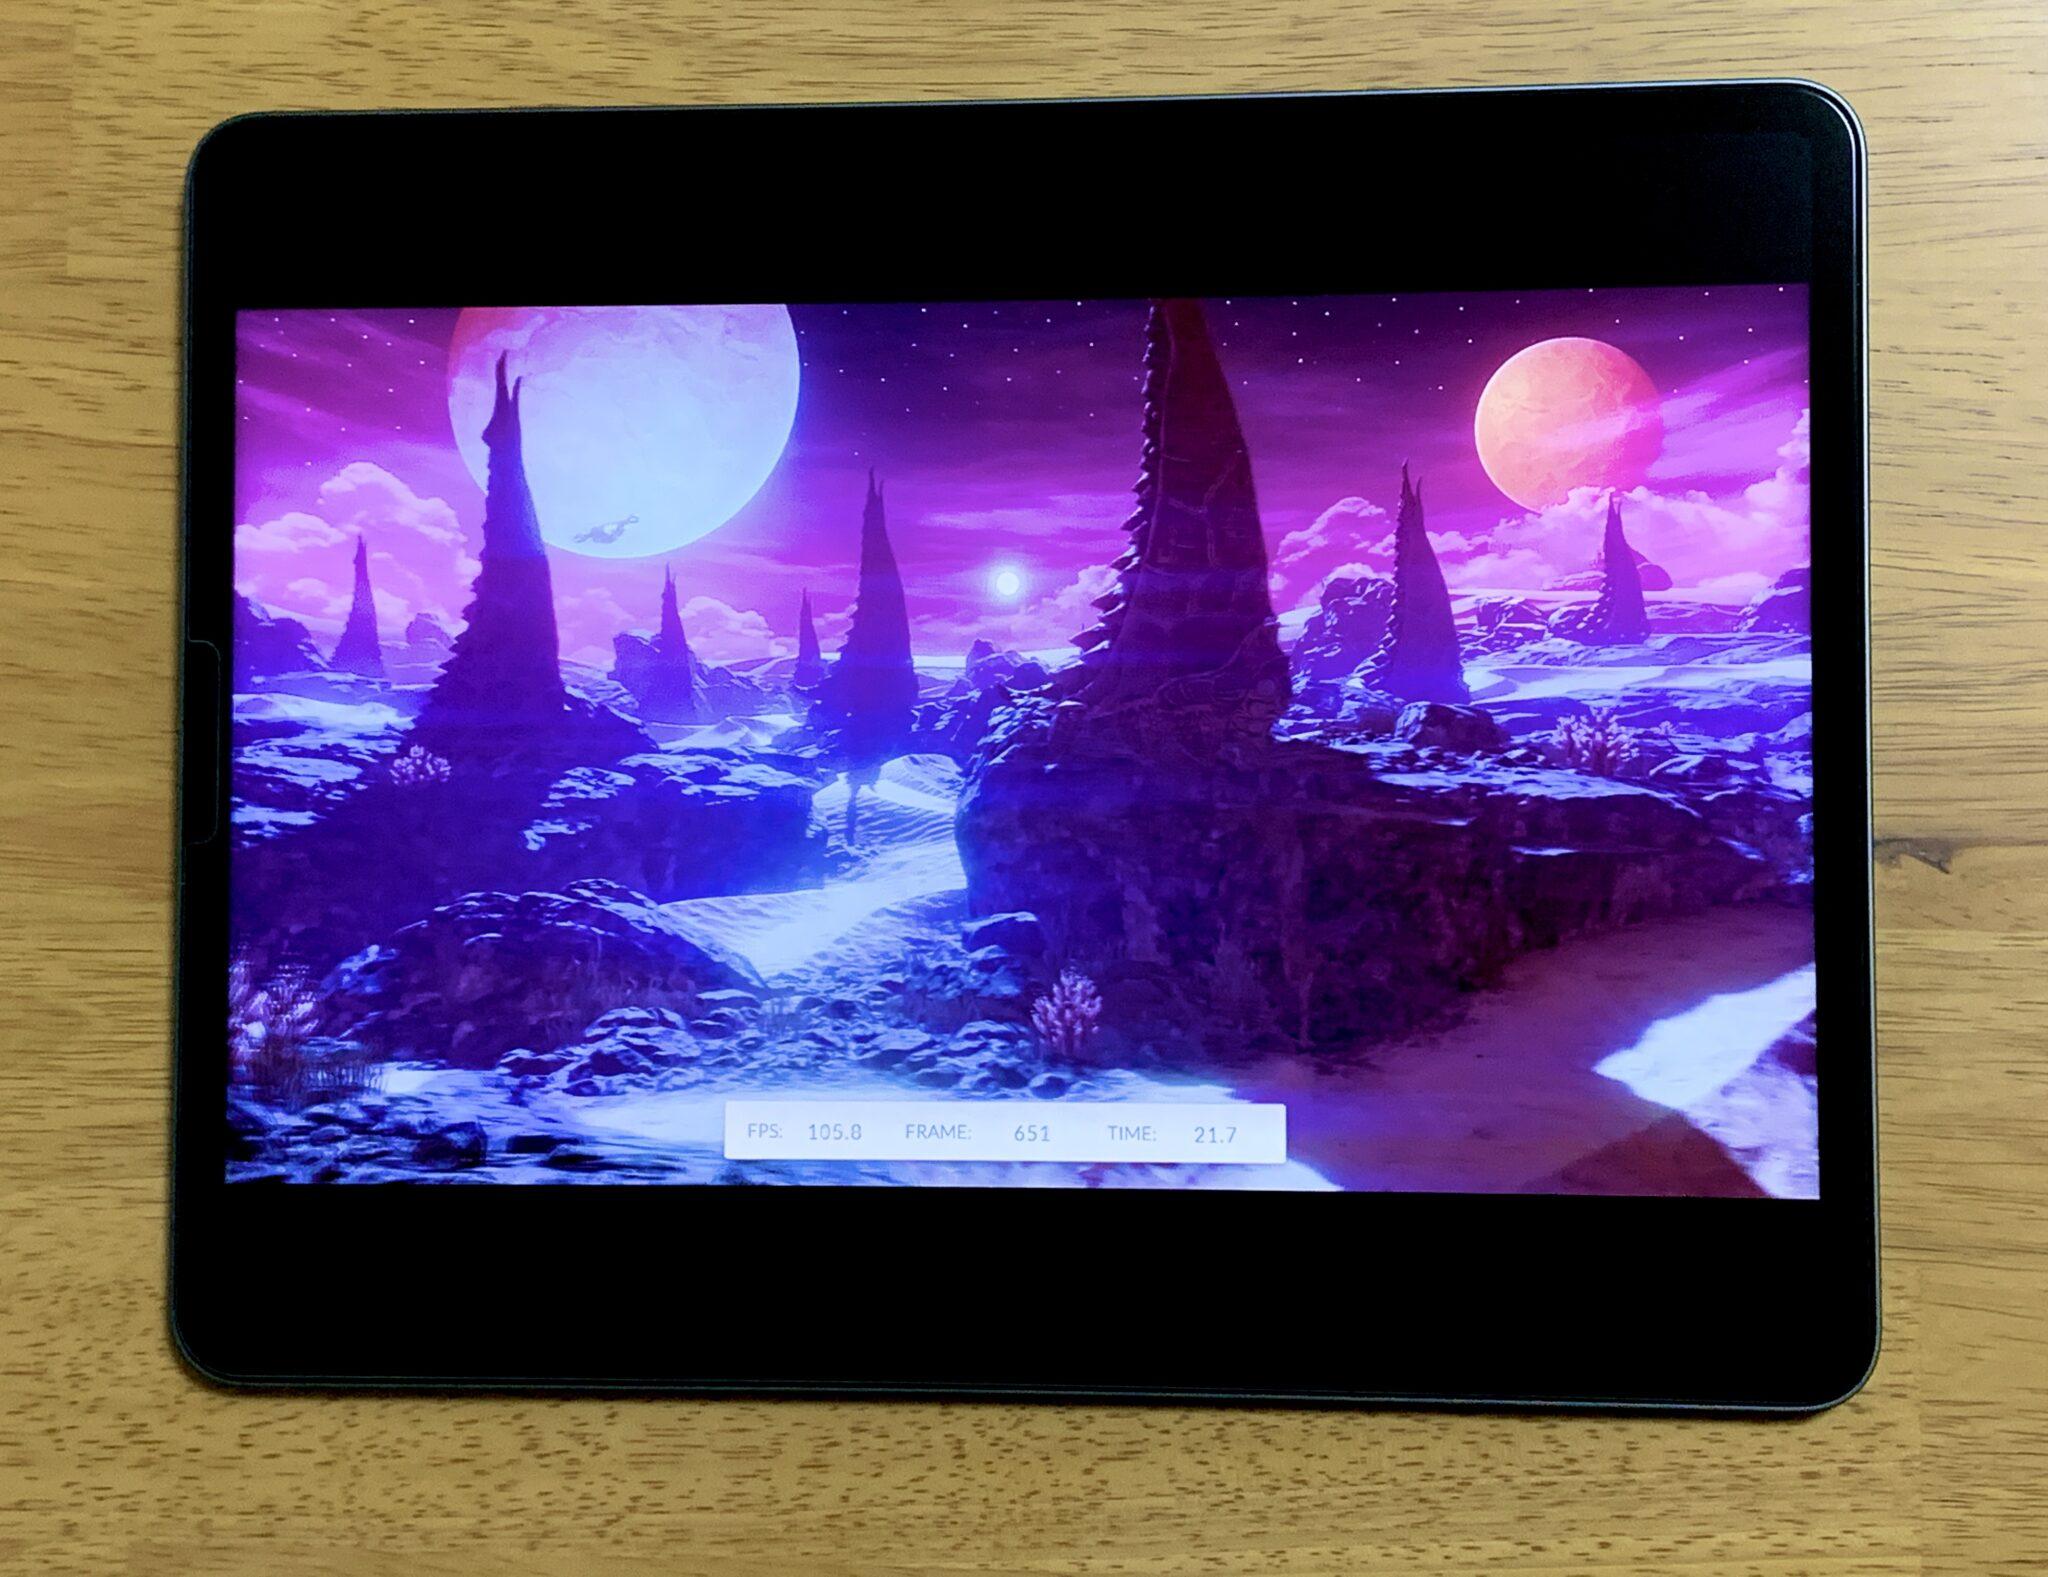 【レビュー】新型iPad Pro 12.9インチ(第5世代)2021年モデル   motifyublog